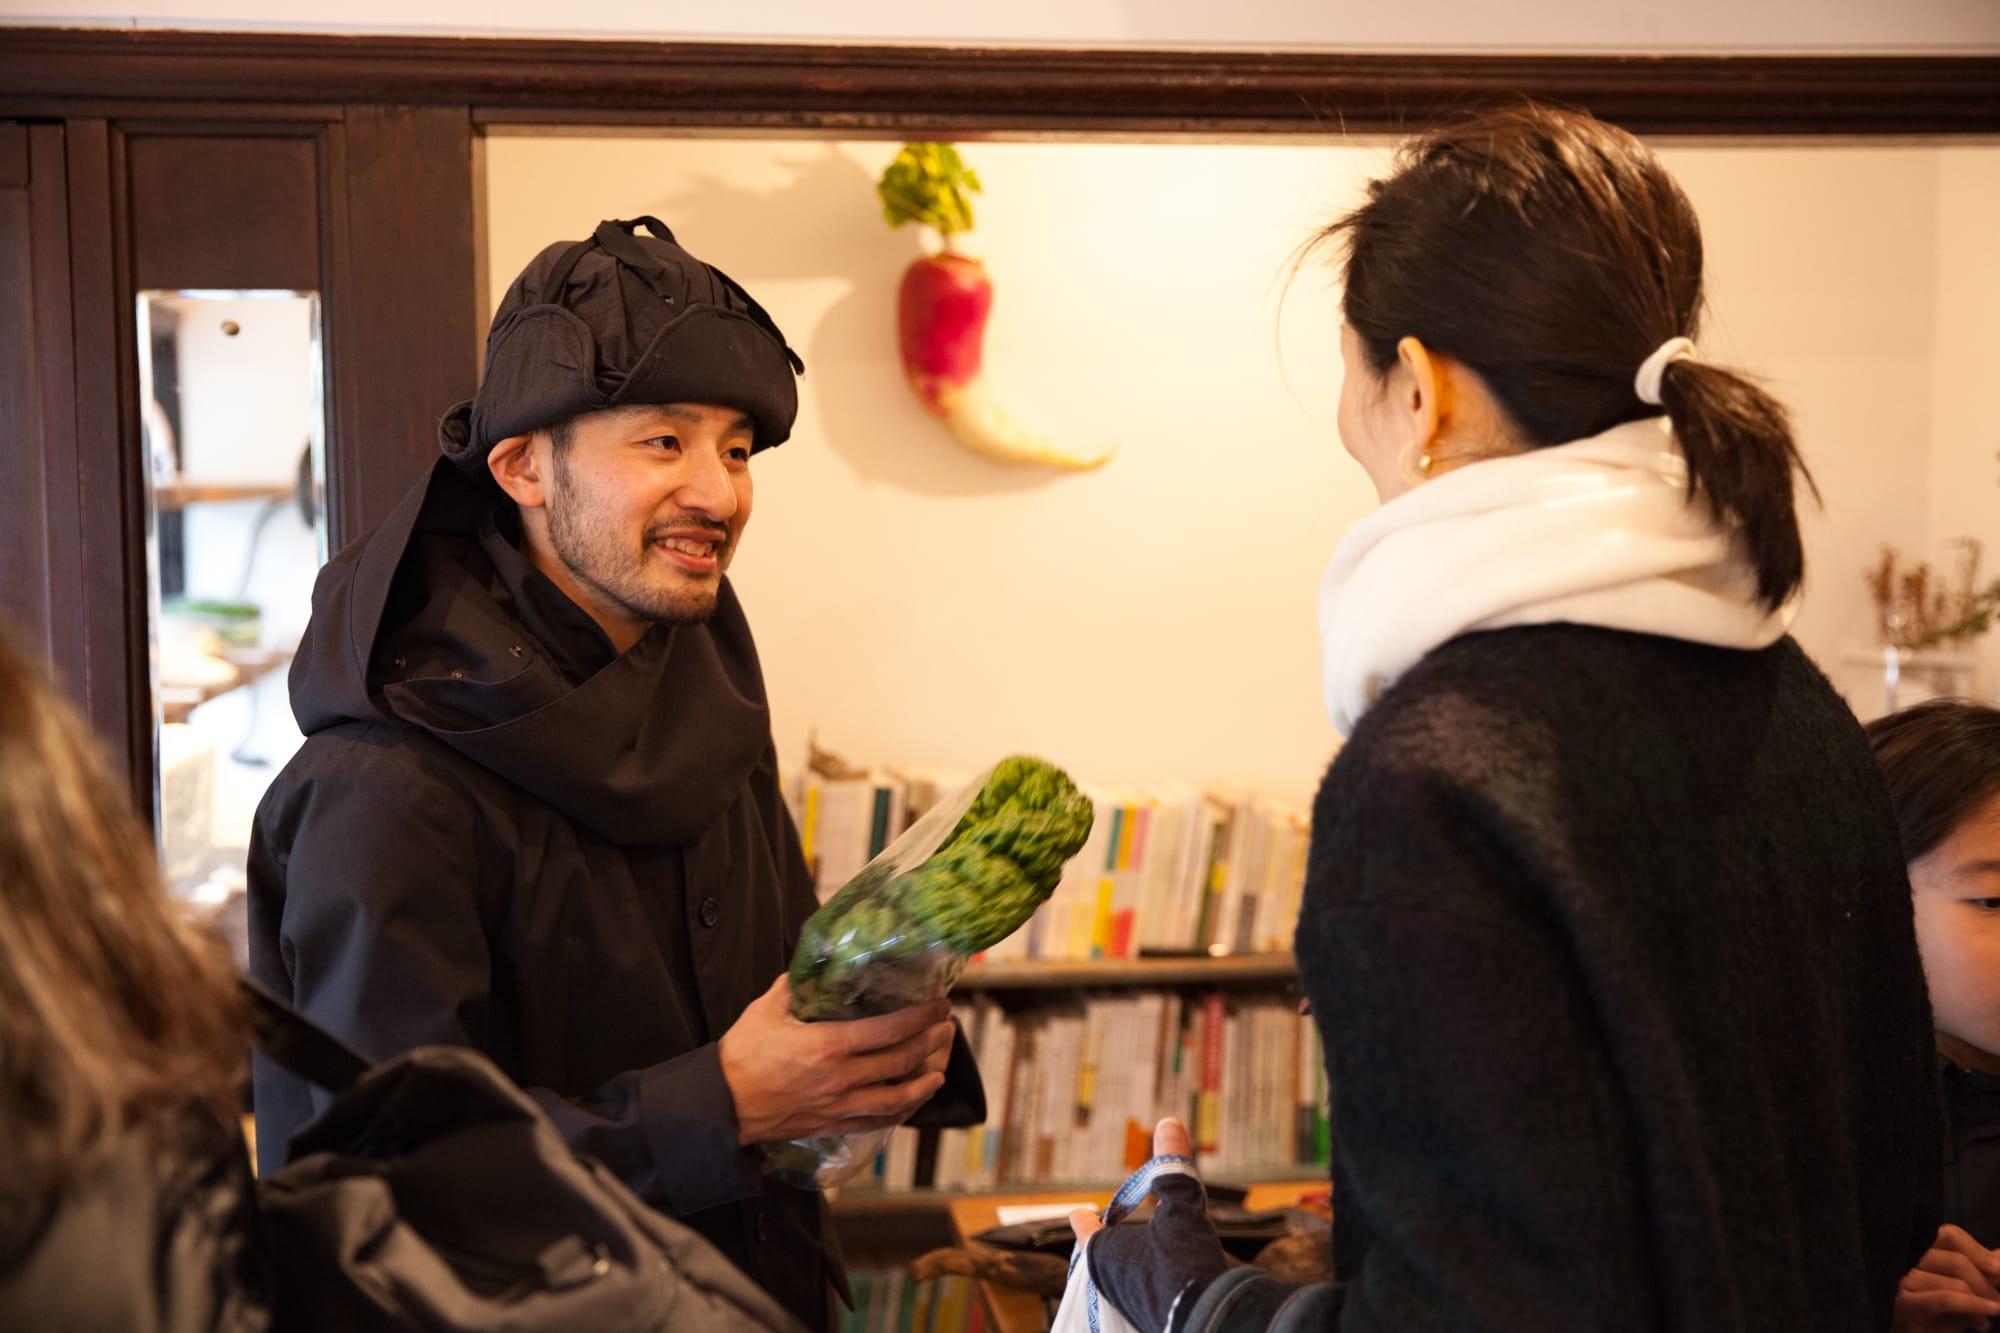 農家が作った在来作物をどうやって販売し流通させていくか。在来種の野菜を販売する福岡県の「金子商店」などの八百屋の存在も欠かせない。